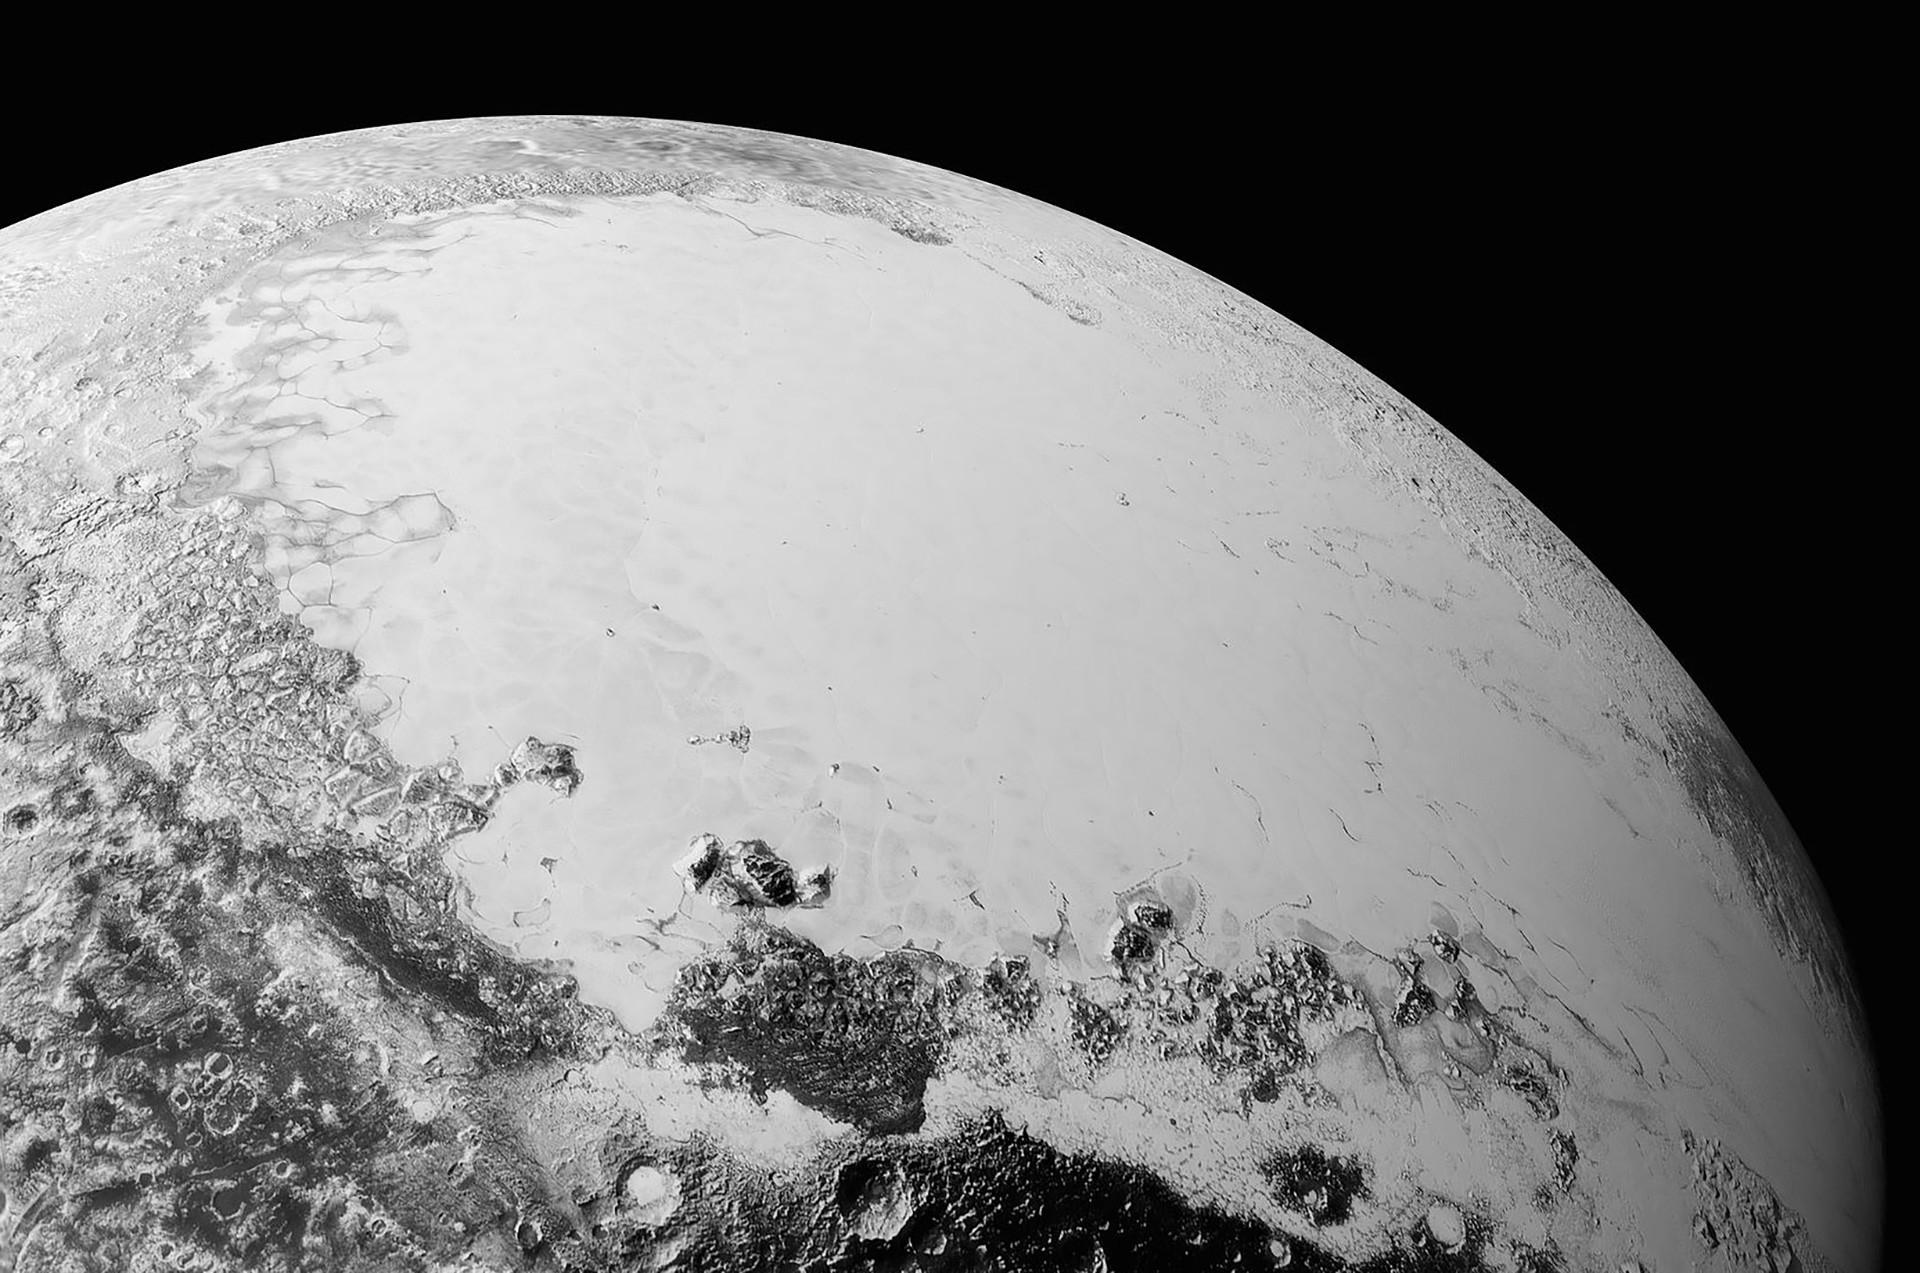 Sputnik Planitia, ledeni krater na Plutonu, ki je bil poimenovan po umetnem satelitu.